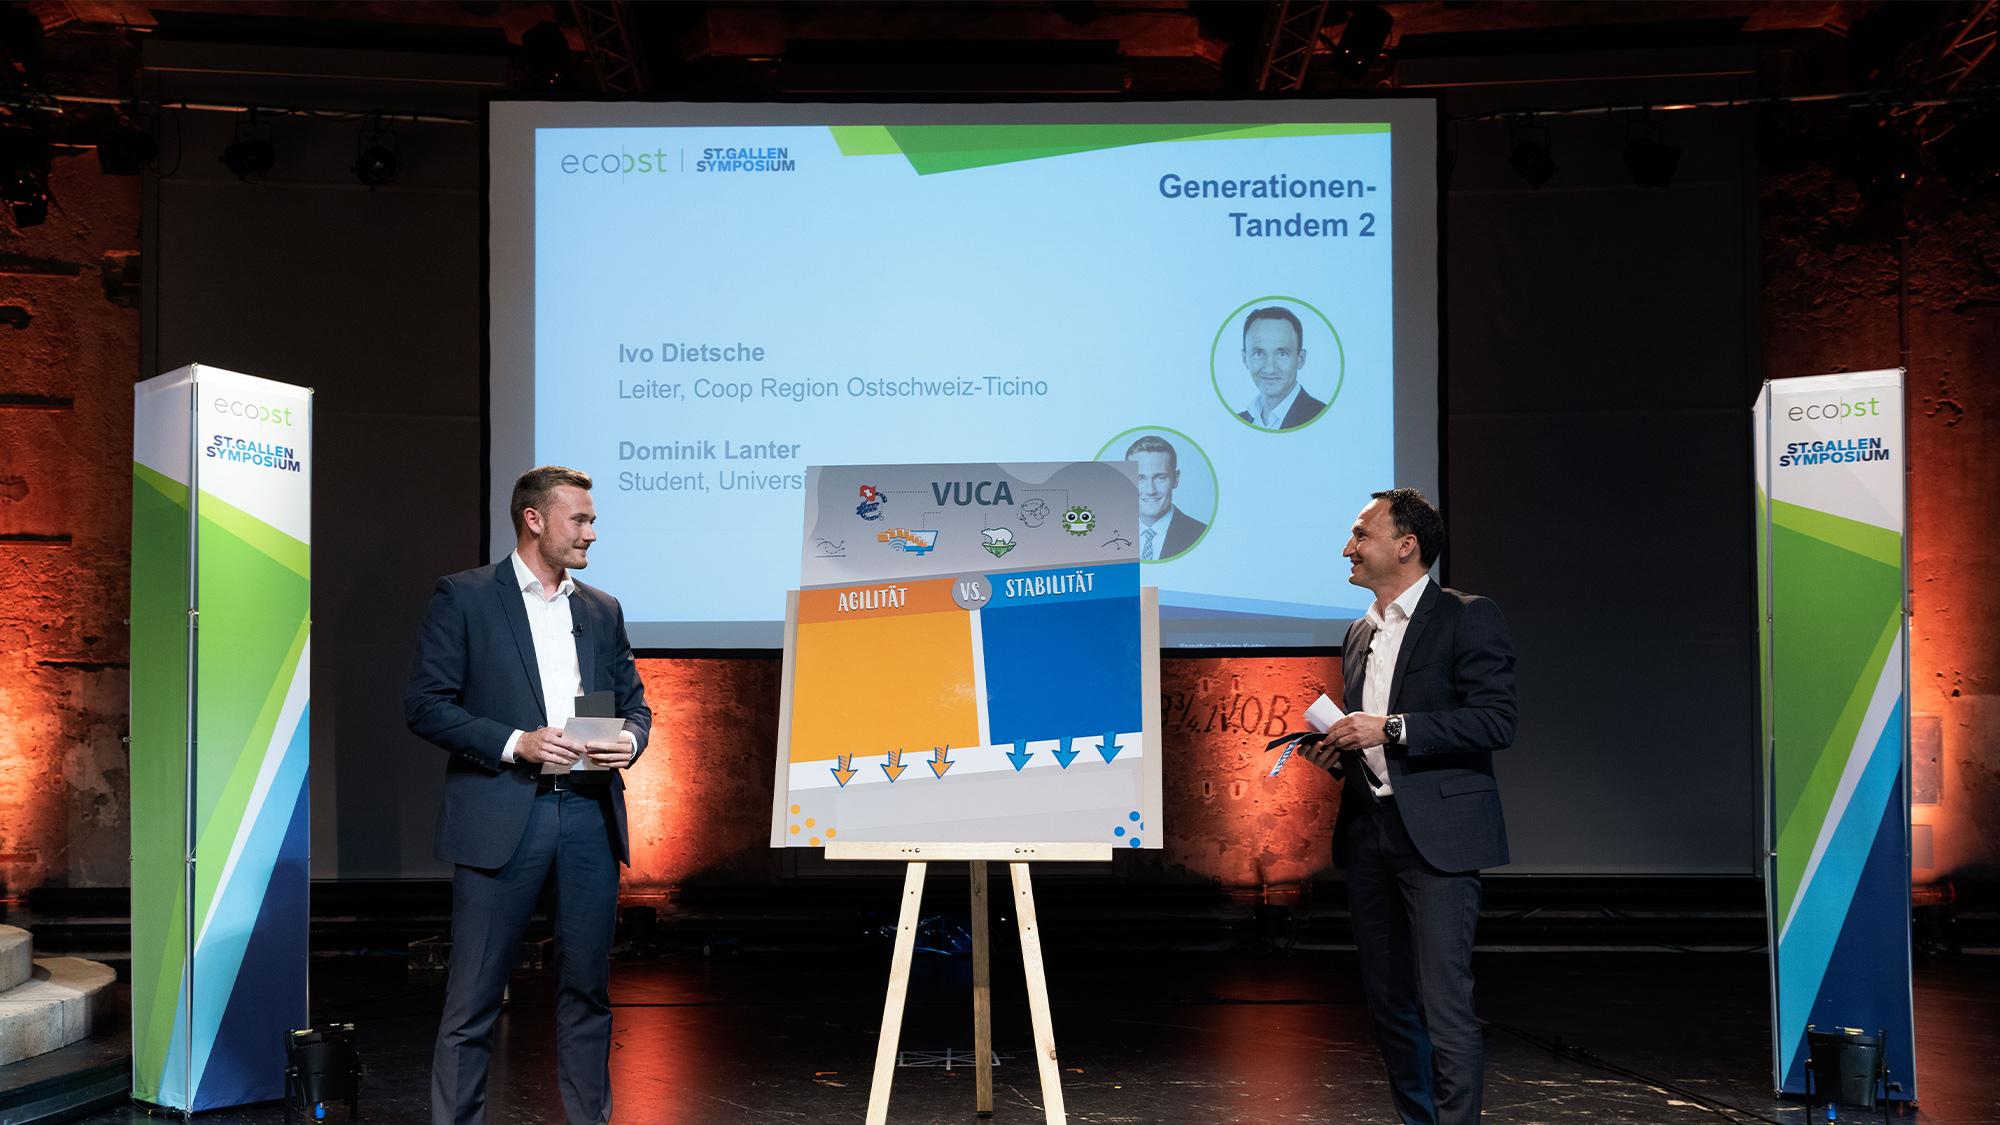 Ivo Dietsche und Dominik Lanter am EcoOst St.Gallen Symposium 2021